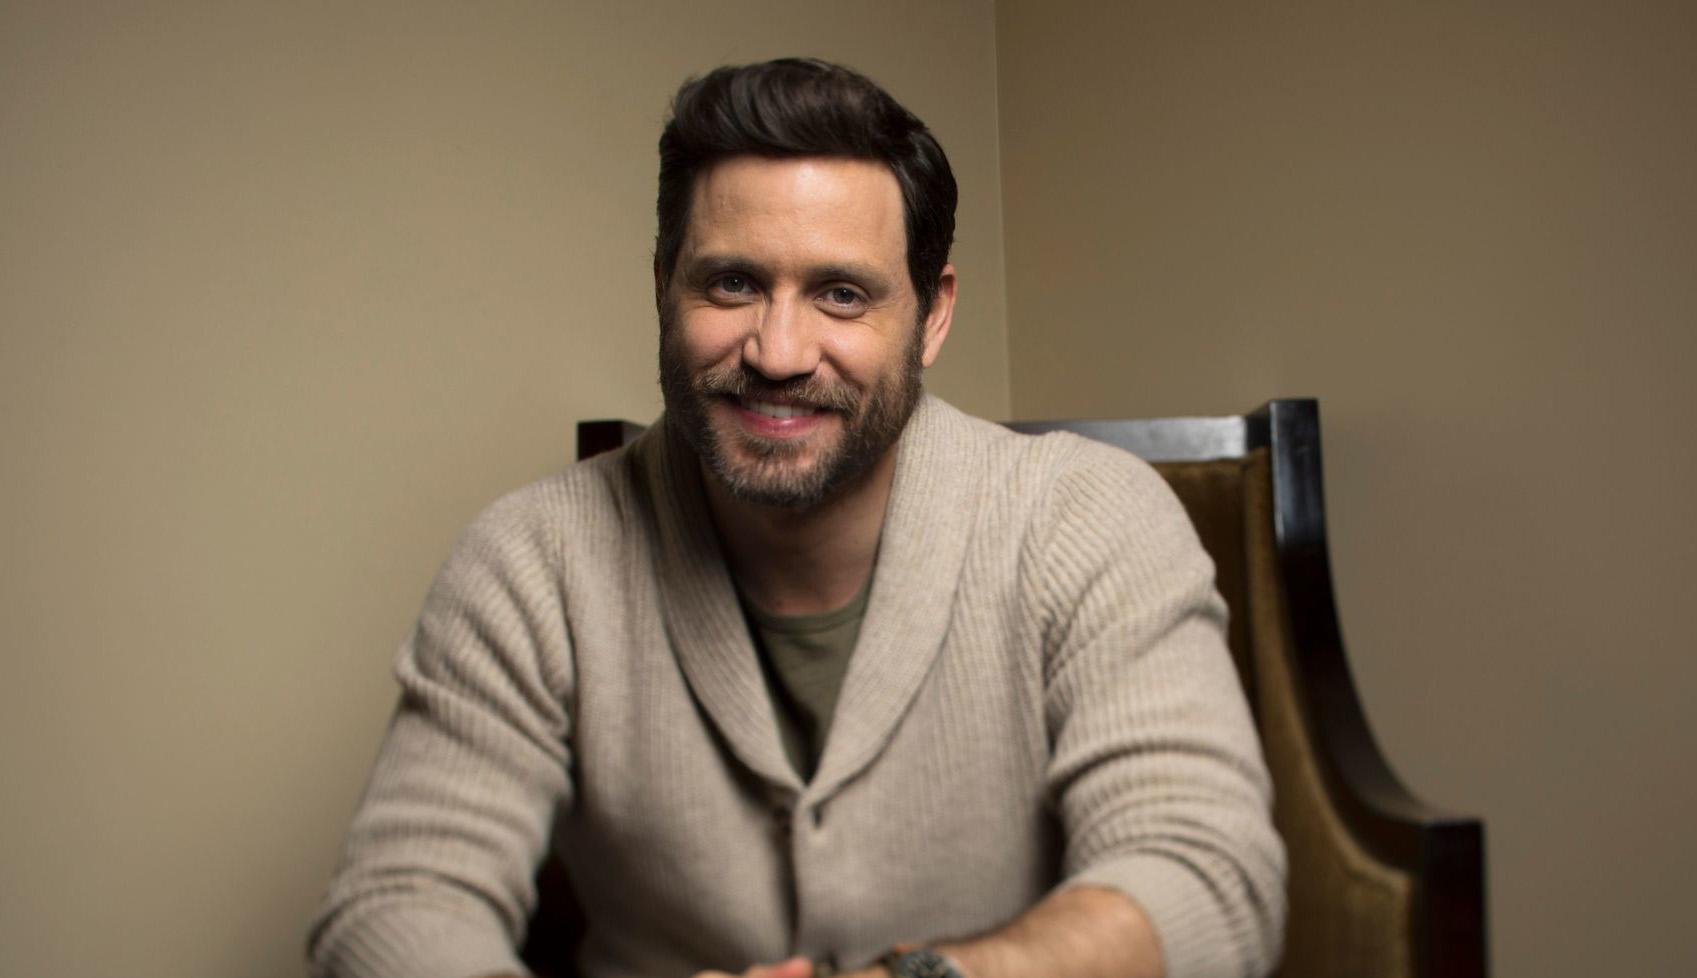 El Sumario - Penélope Cruz, Ricky Martín y Darren Criss también fueron nominados por la mini serie American Crime Story: El asesinato de Gianni Versace